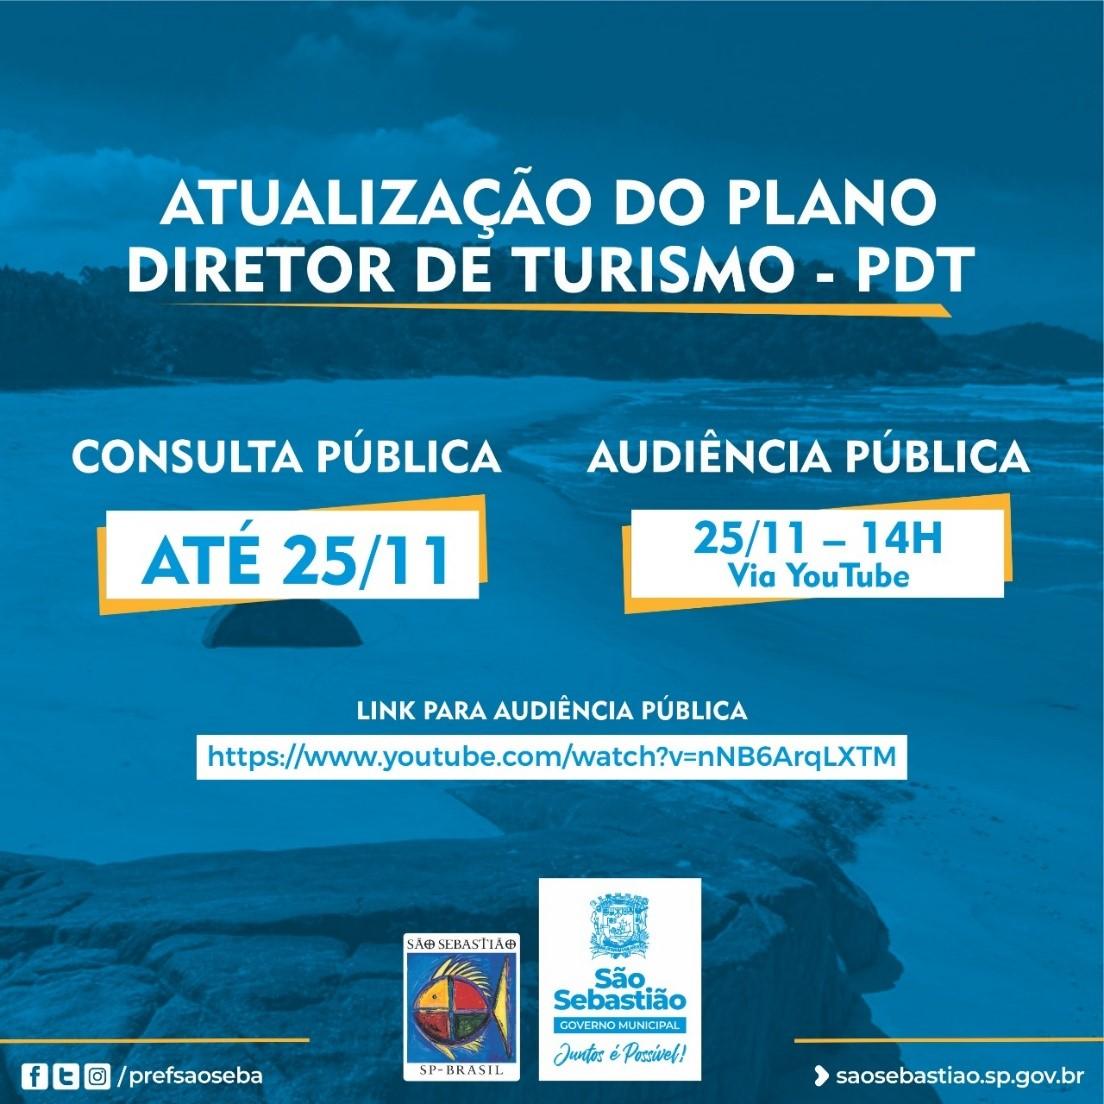 Prefeitura abre consulta pública do Plano Diretor de Turismo de São Sebastião